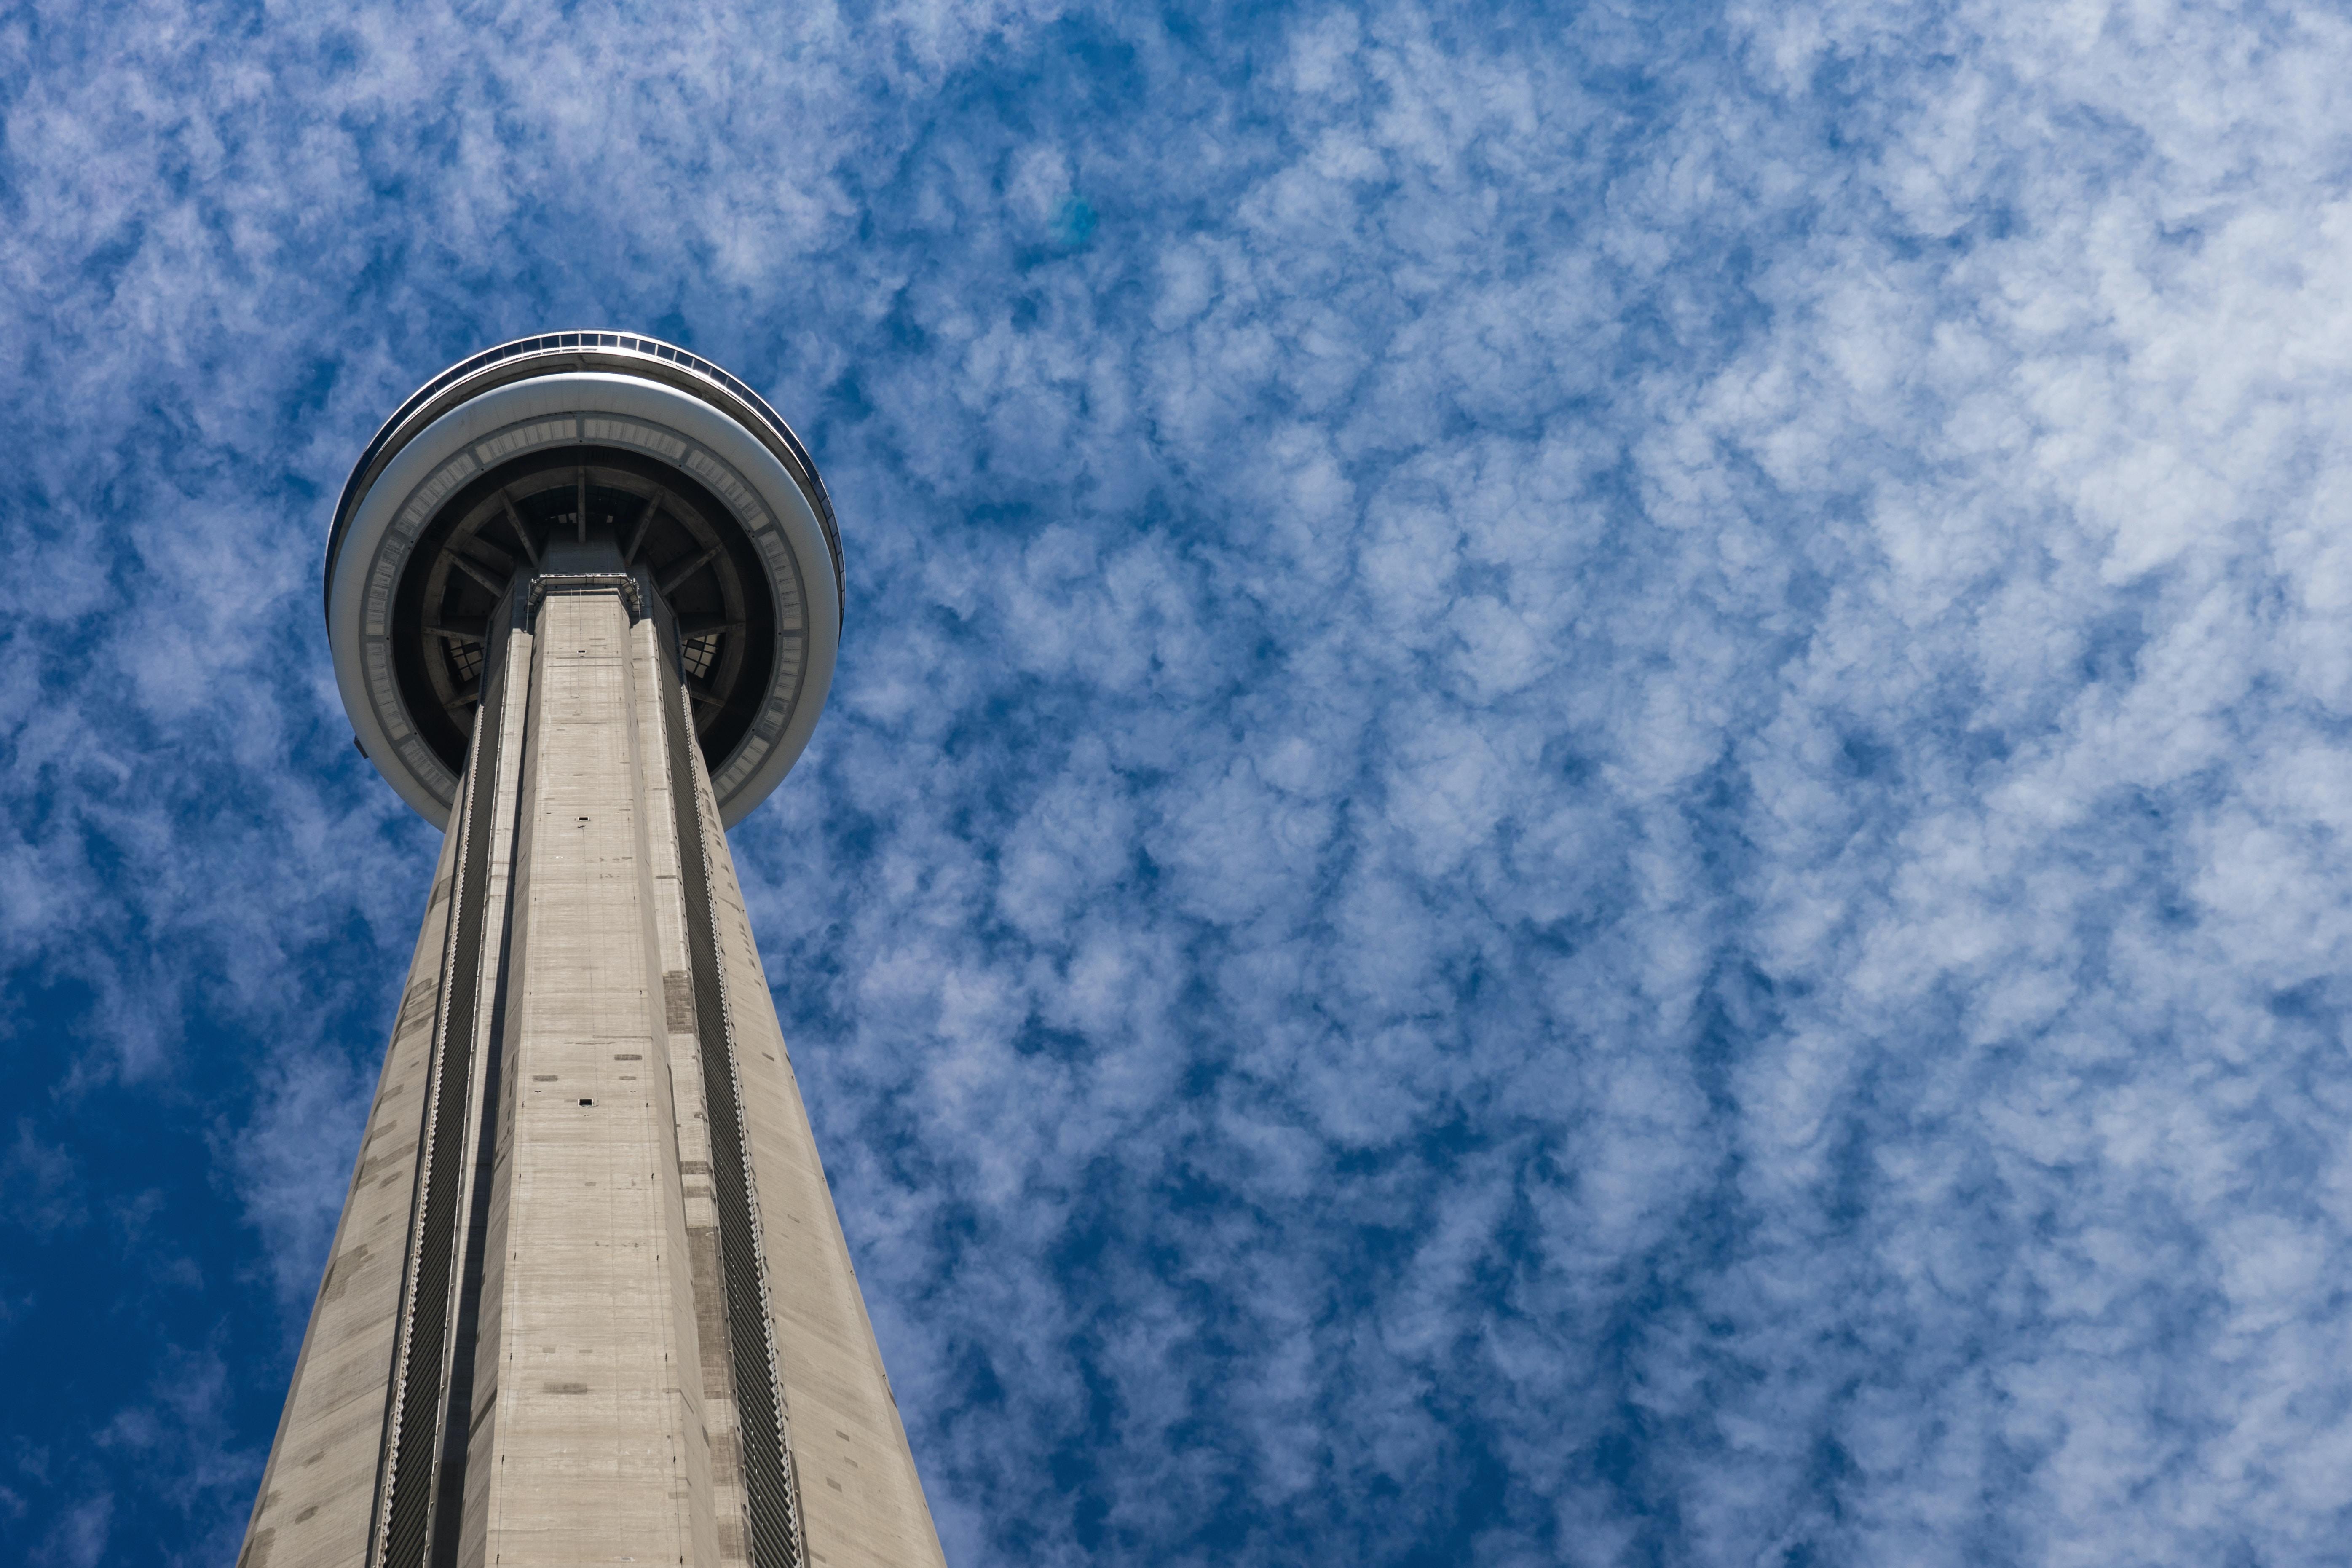 focus photo of CN tower